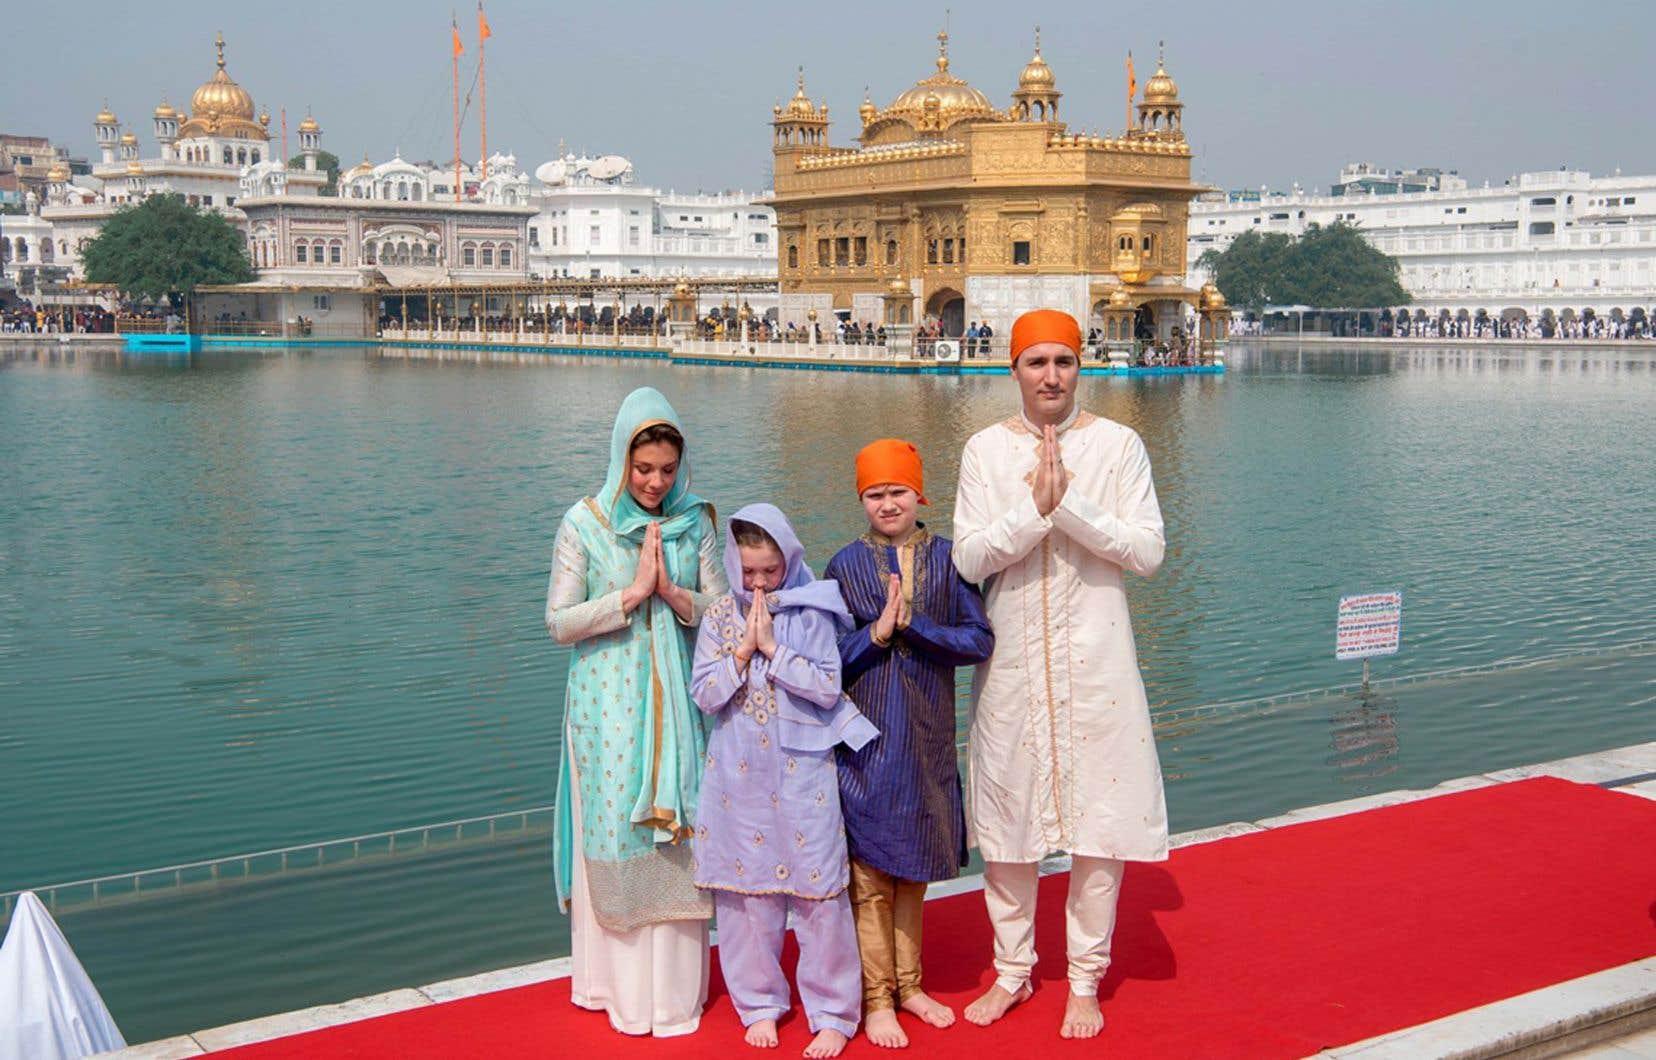 «Se vêtir d'habits traditionnels indiens pendant un voyage en Inde, en 2018, ce n'était pas l'idée du siècle», estime l'auteur.